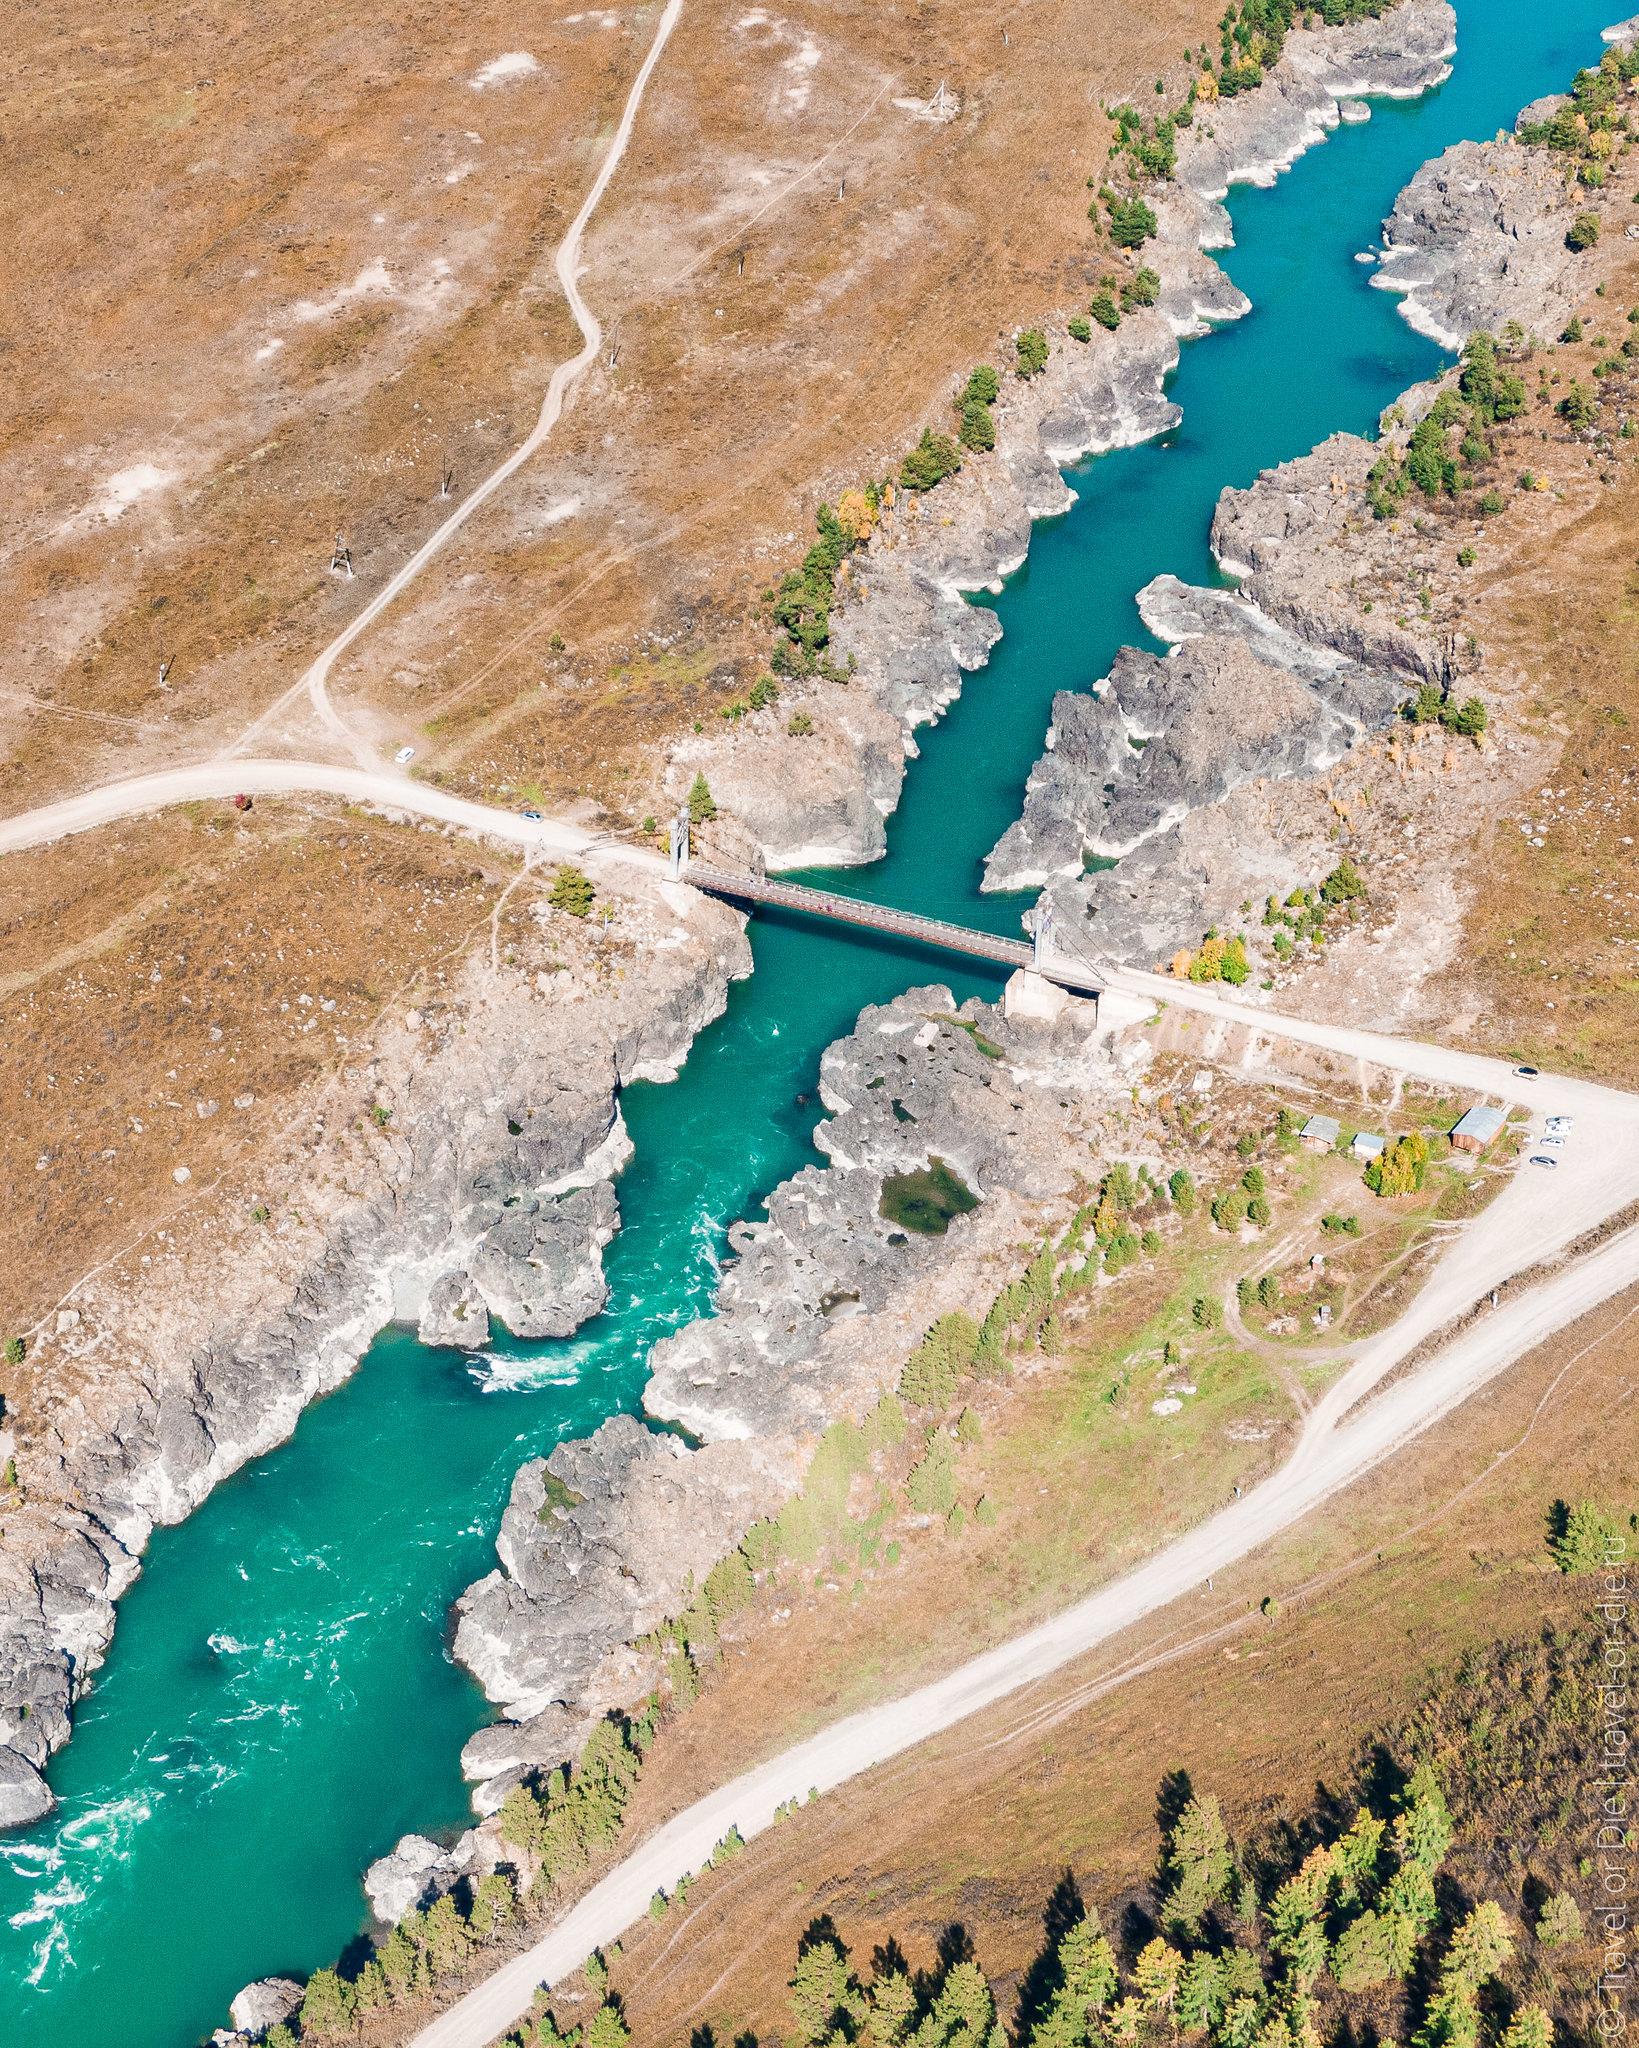 Oroktoyskiy-Bridge-Altai-mavic-0785